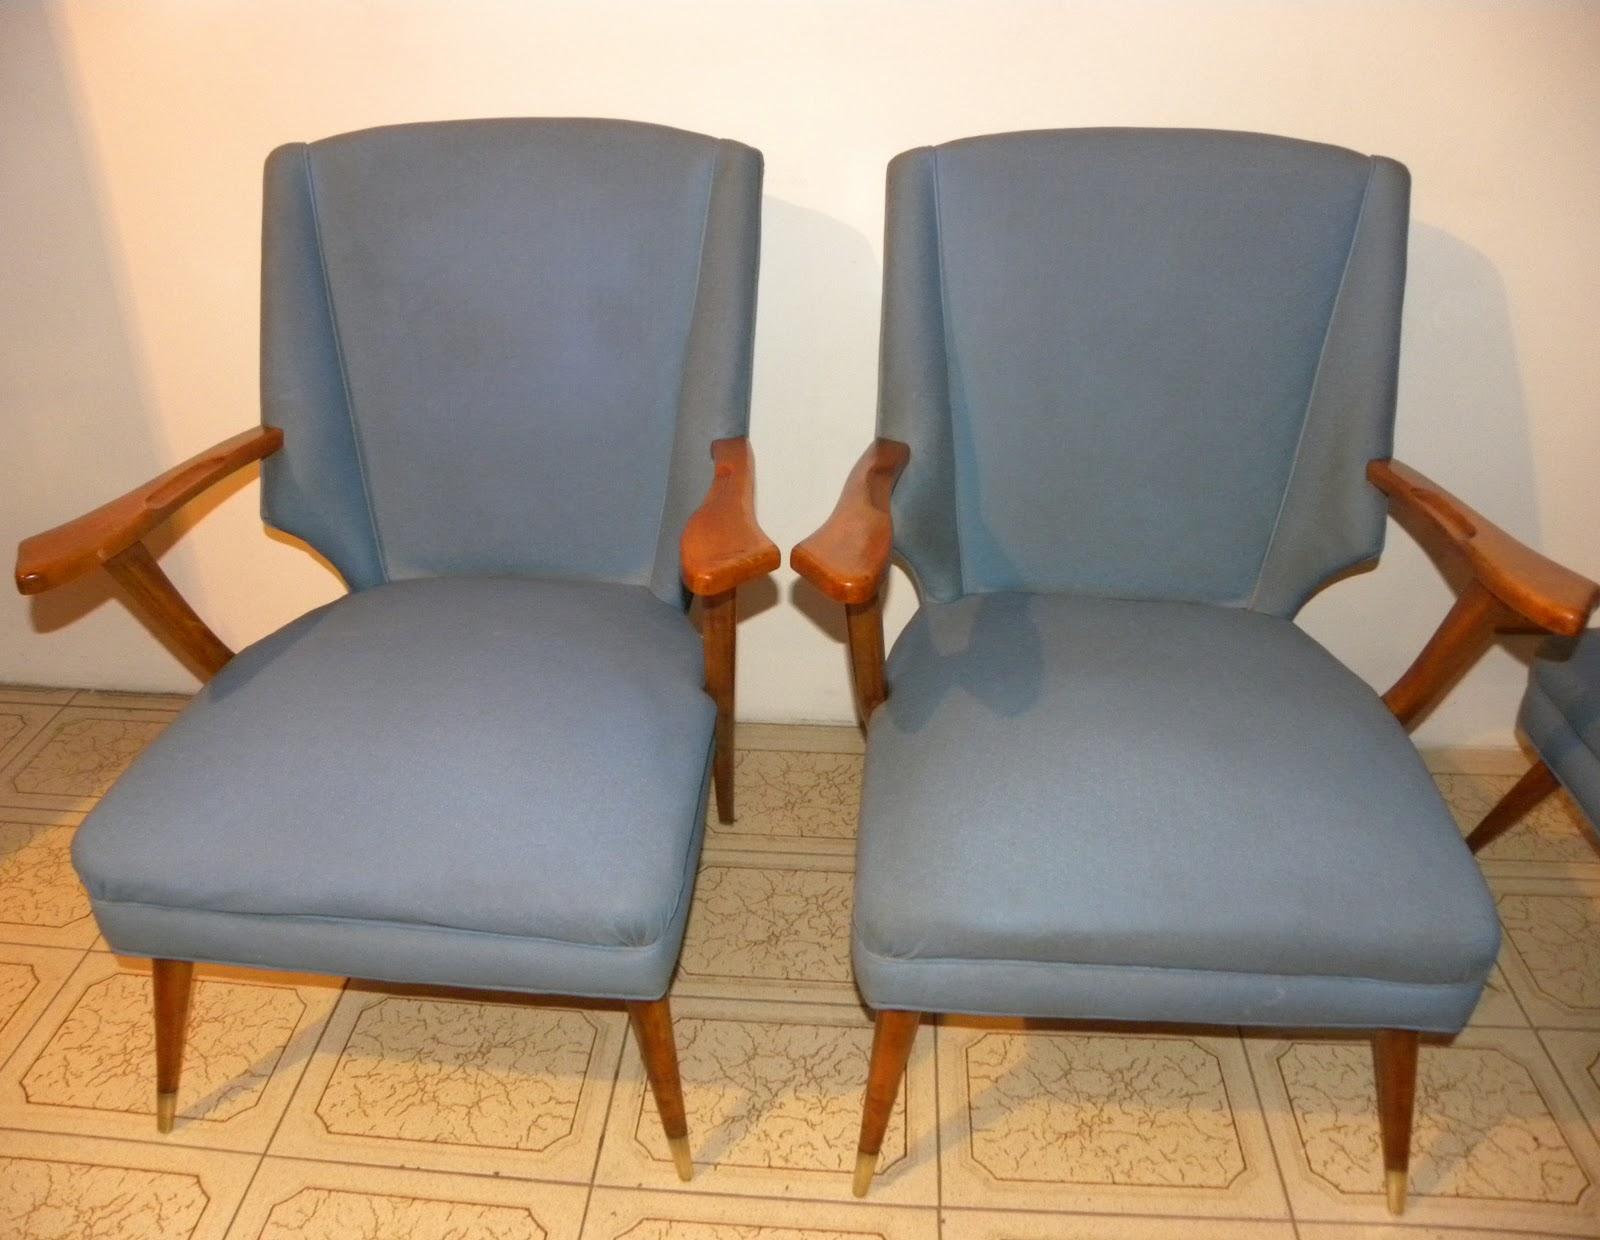 Deco retro vintage juego de sillones americanos - Tapizado de sillones ...